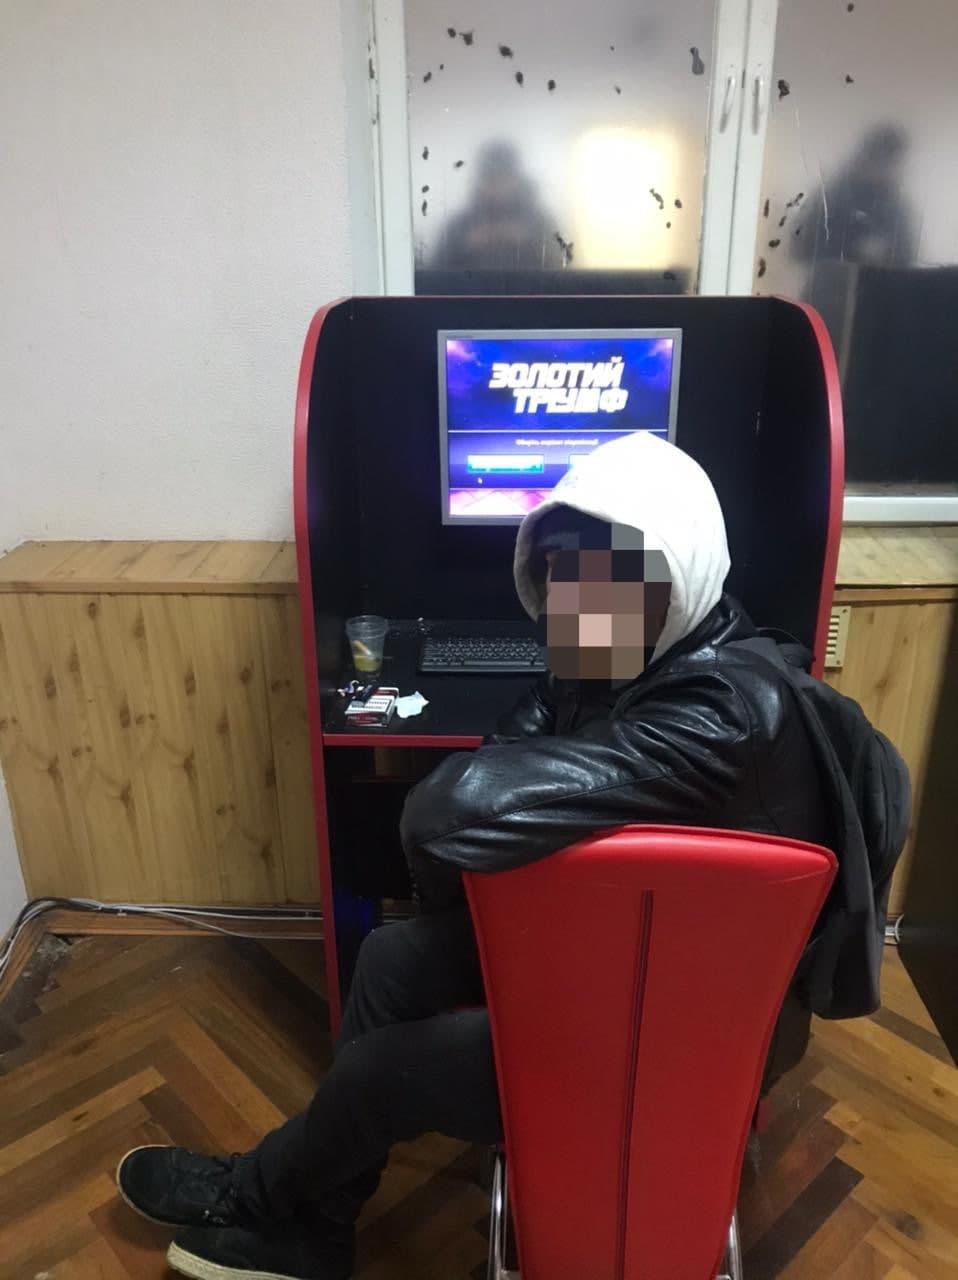 У Баришівці в господарському приміщенні розмістили казино - прокуратура Київської області, казино - photo 2021 02 10 14 47 16 2